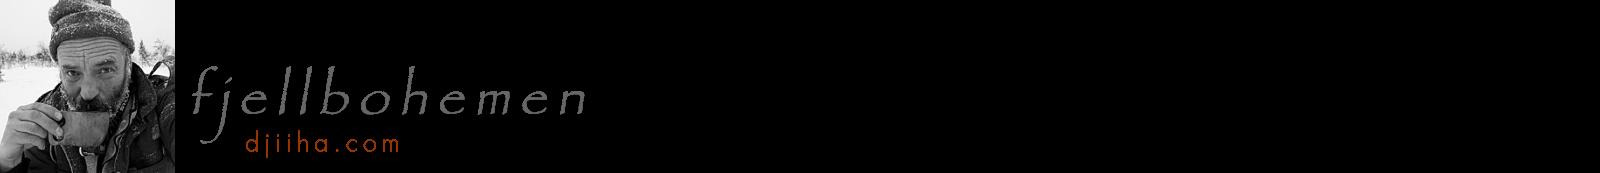 Djiihaa